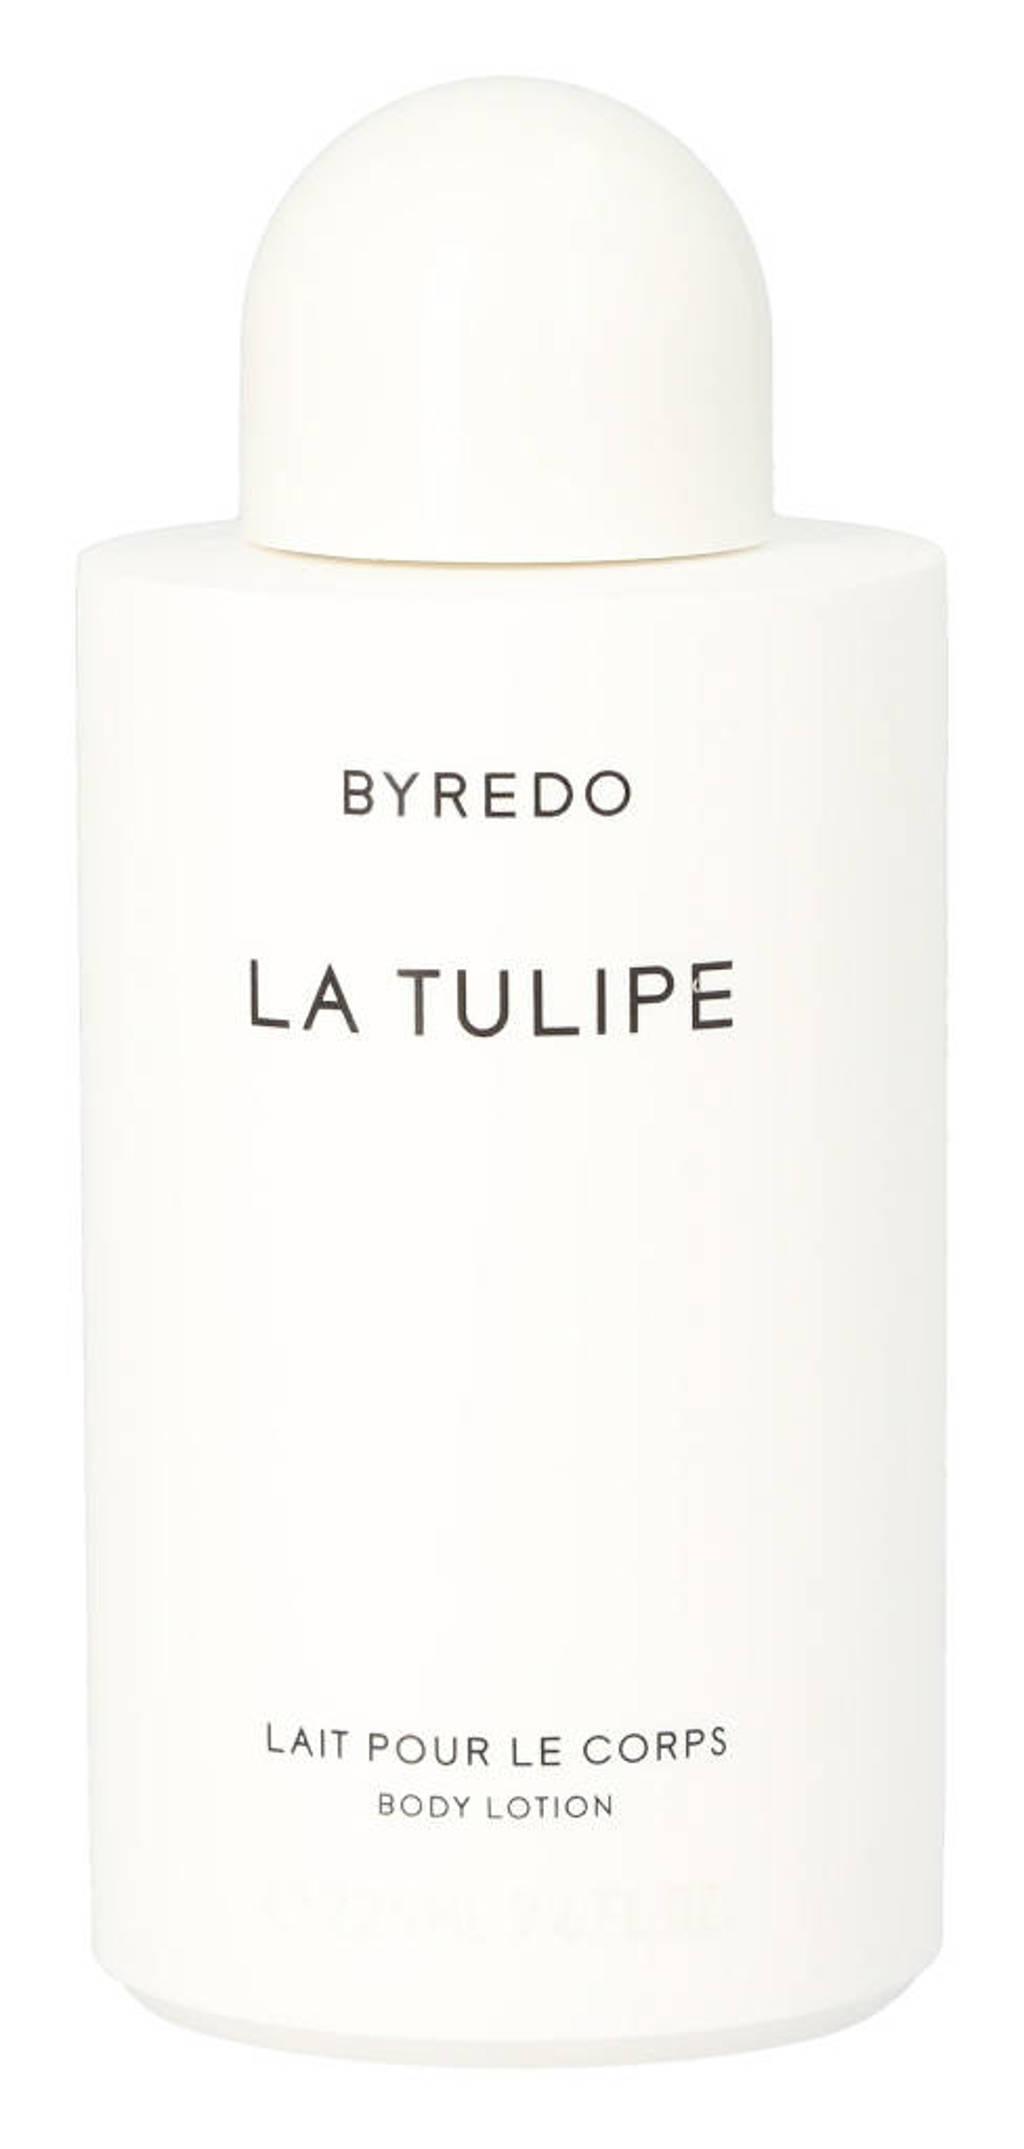 Byredo La Tulipe bodylotion